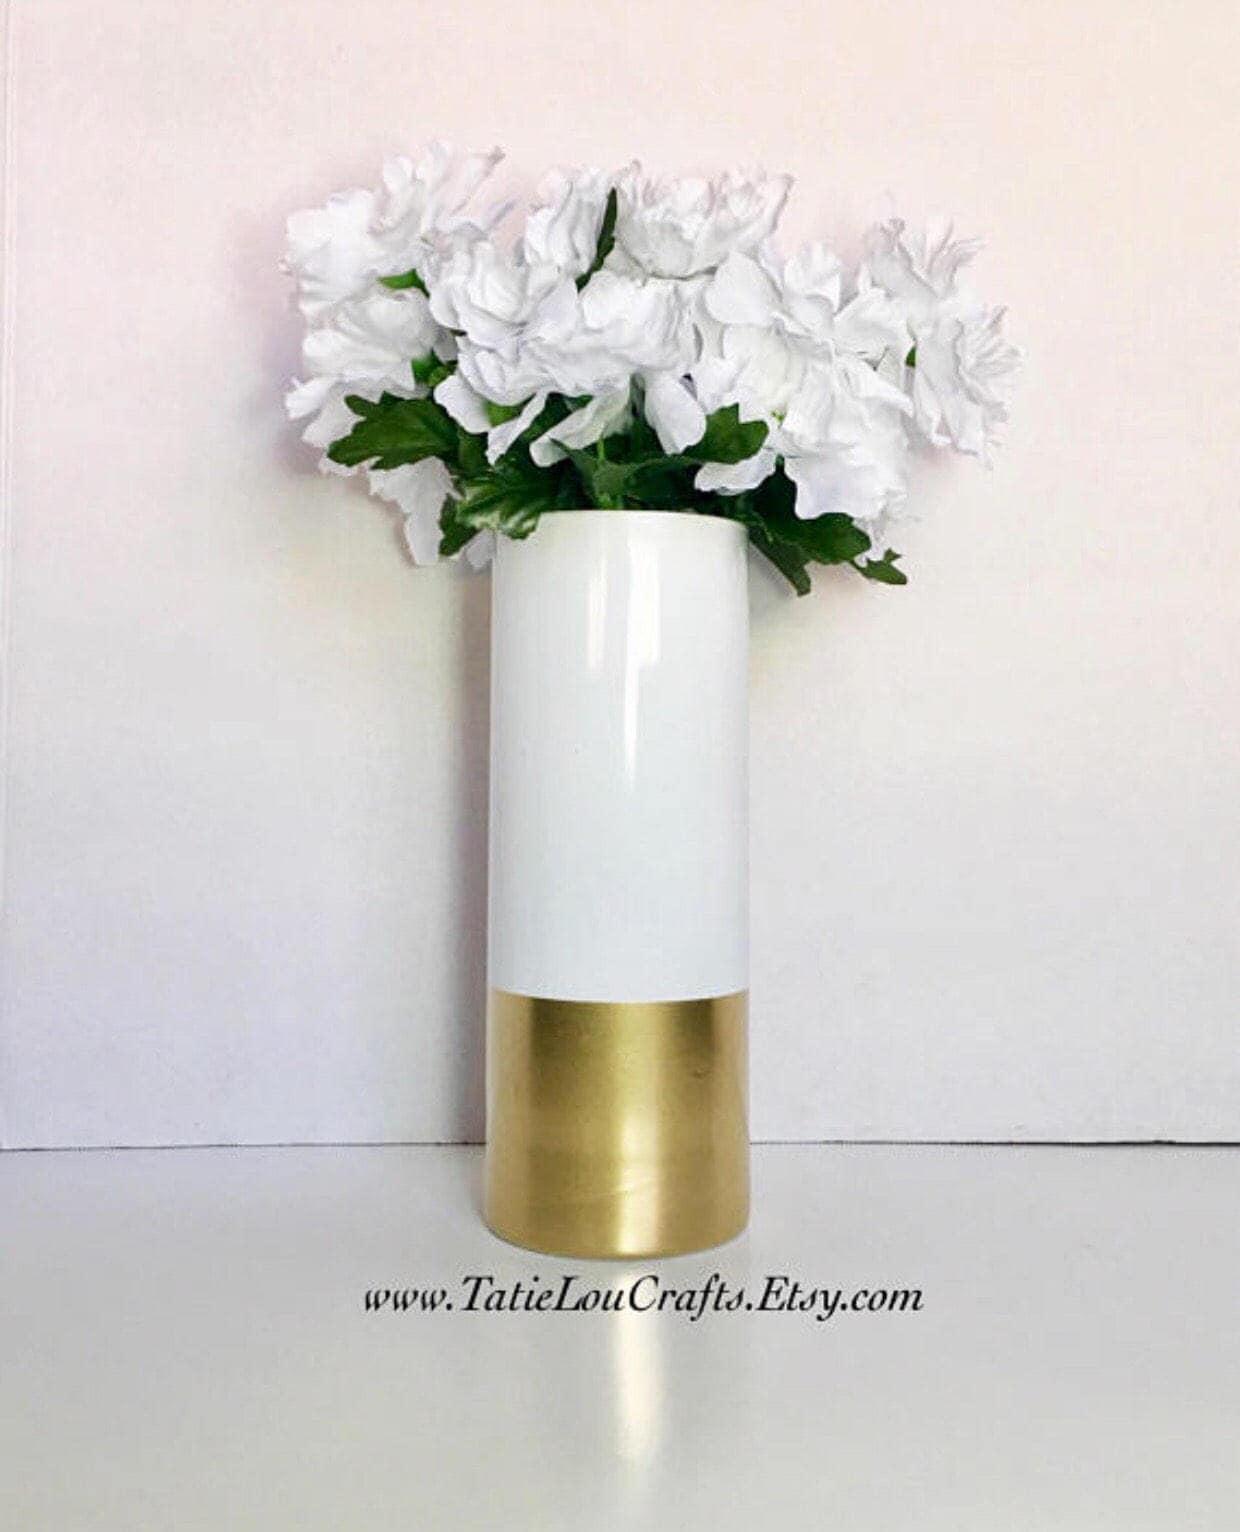 White And Gold VaseCylinder VaseWedding CenterpieceGold